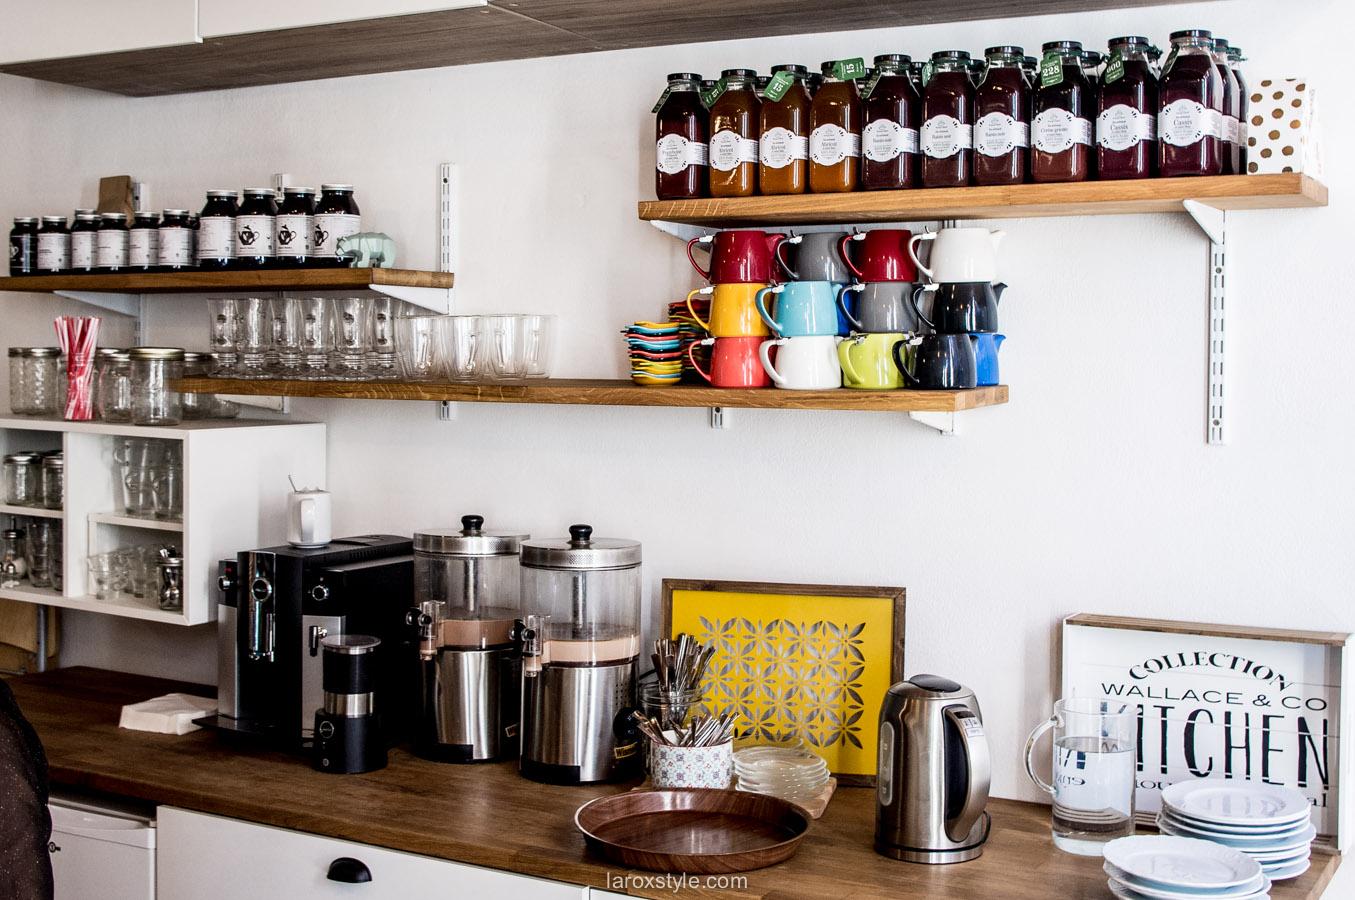 myart - cafe lyon - brunch a lyon - laroxstyle blog lifestyle -8